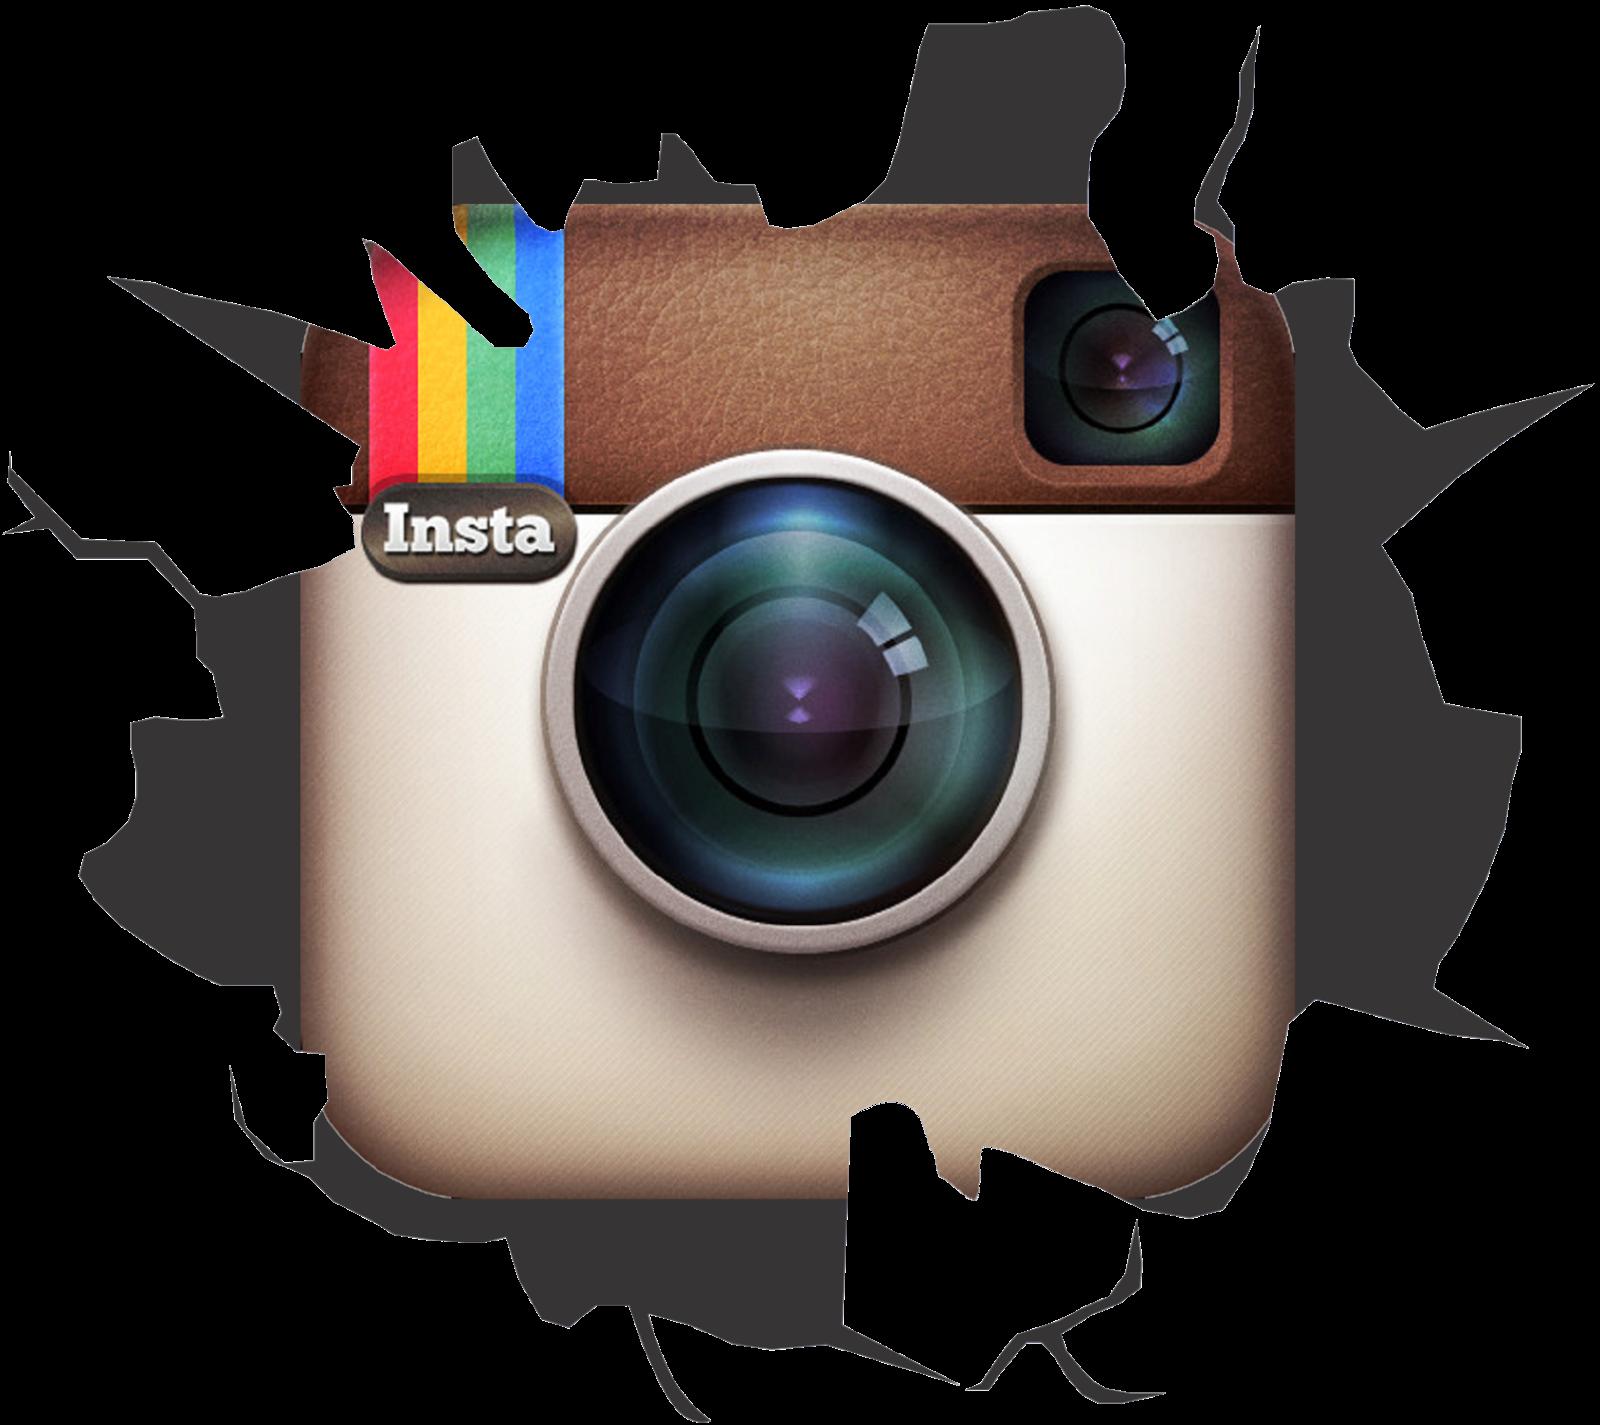 Promocion en Instagram en Anexy.org